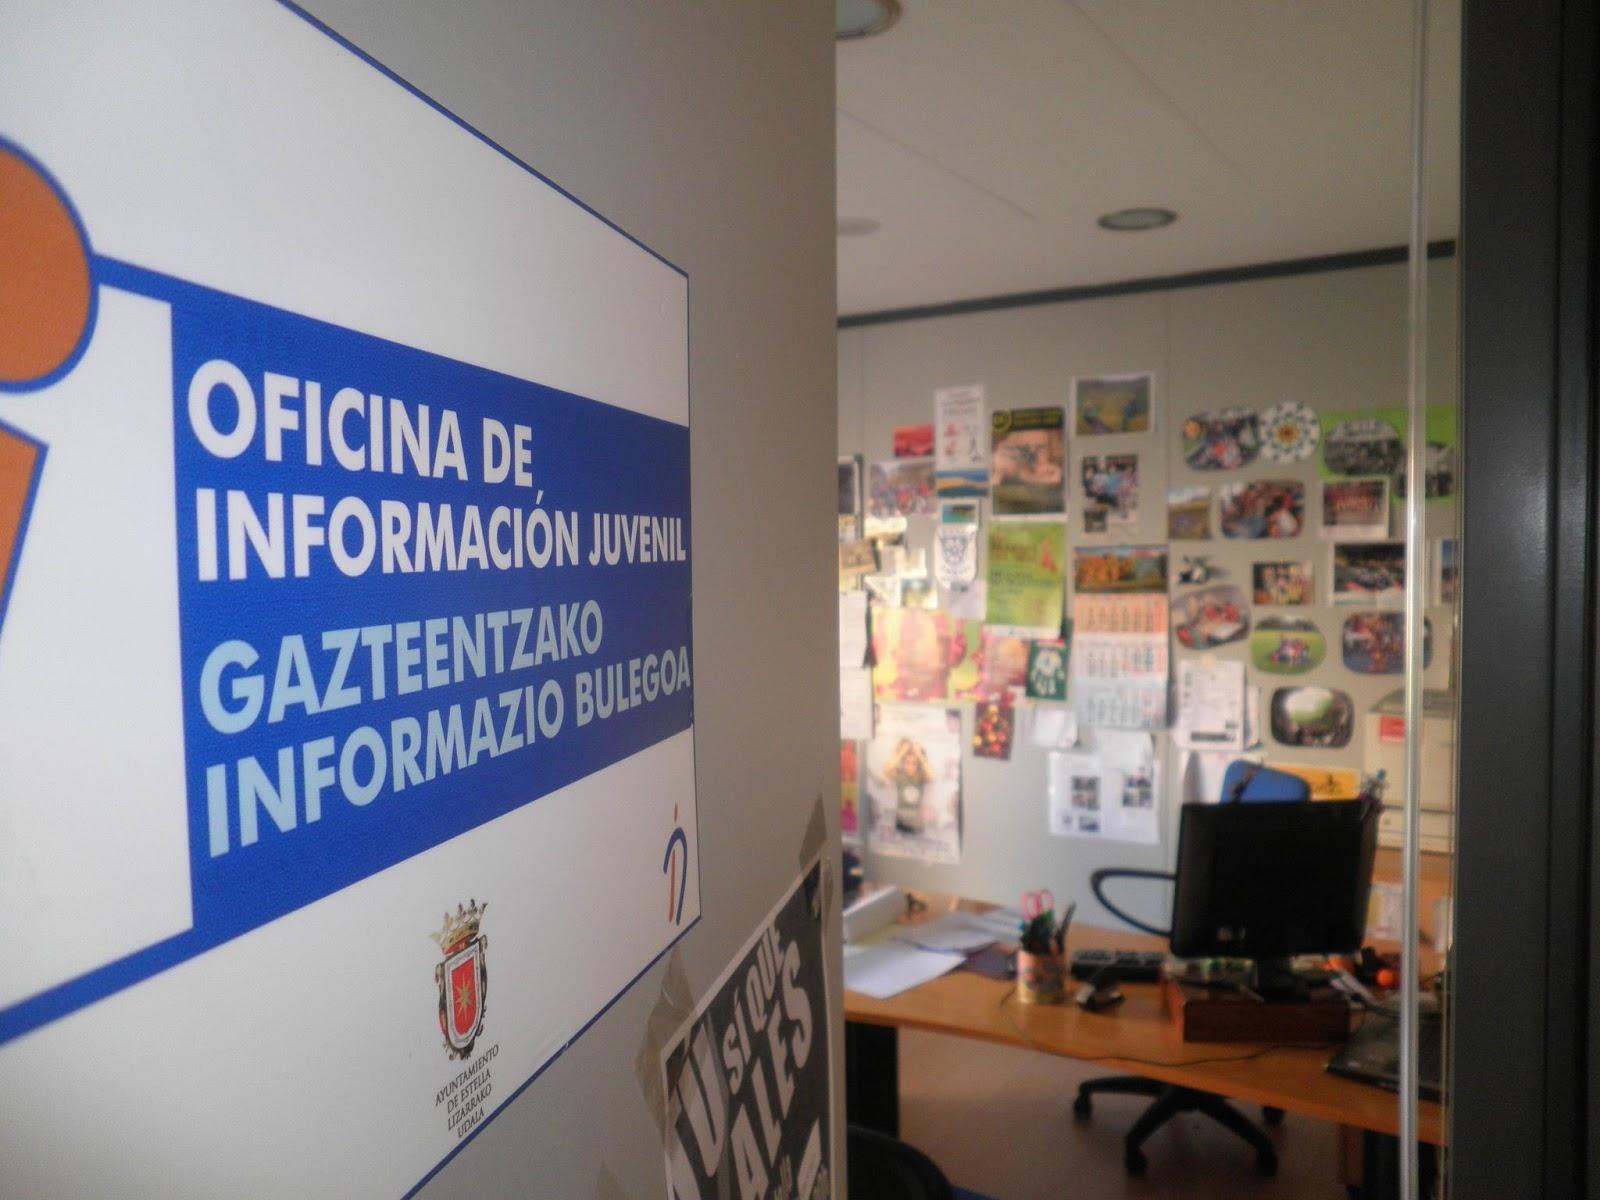 Casa de la juventud de estella lizarra oficina de for Oficina turismo cadiz